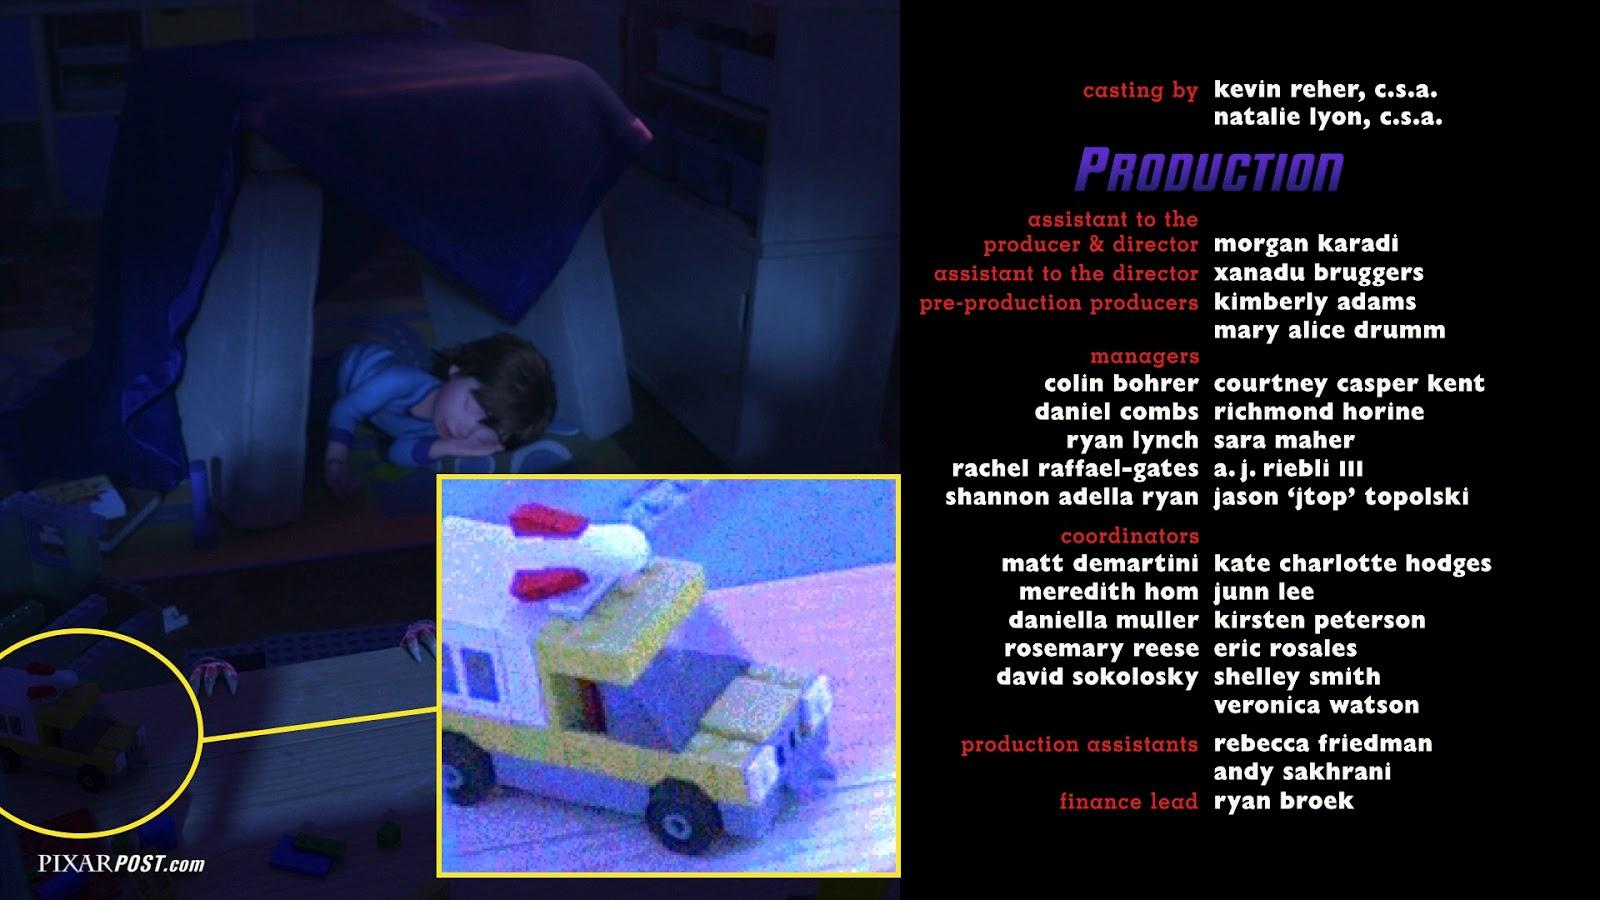 http://3.bp.blogspot.com/-XEe383Cec9w/VkatS0cyfBI/AAAAAAAARY0/FKSy_FN7cVk/s1600/Toy%2BStory%2BThat%2BTime%2BForgot%2BEaster%2BEgg-21-Pixar%2BPost.jpg